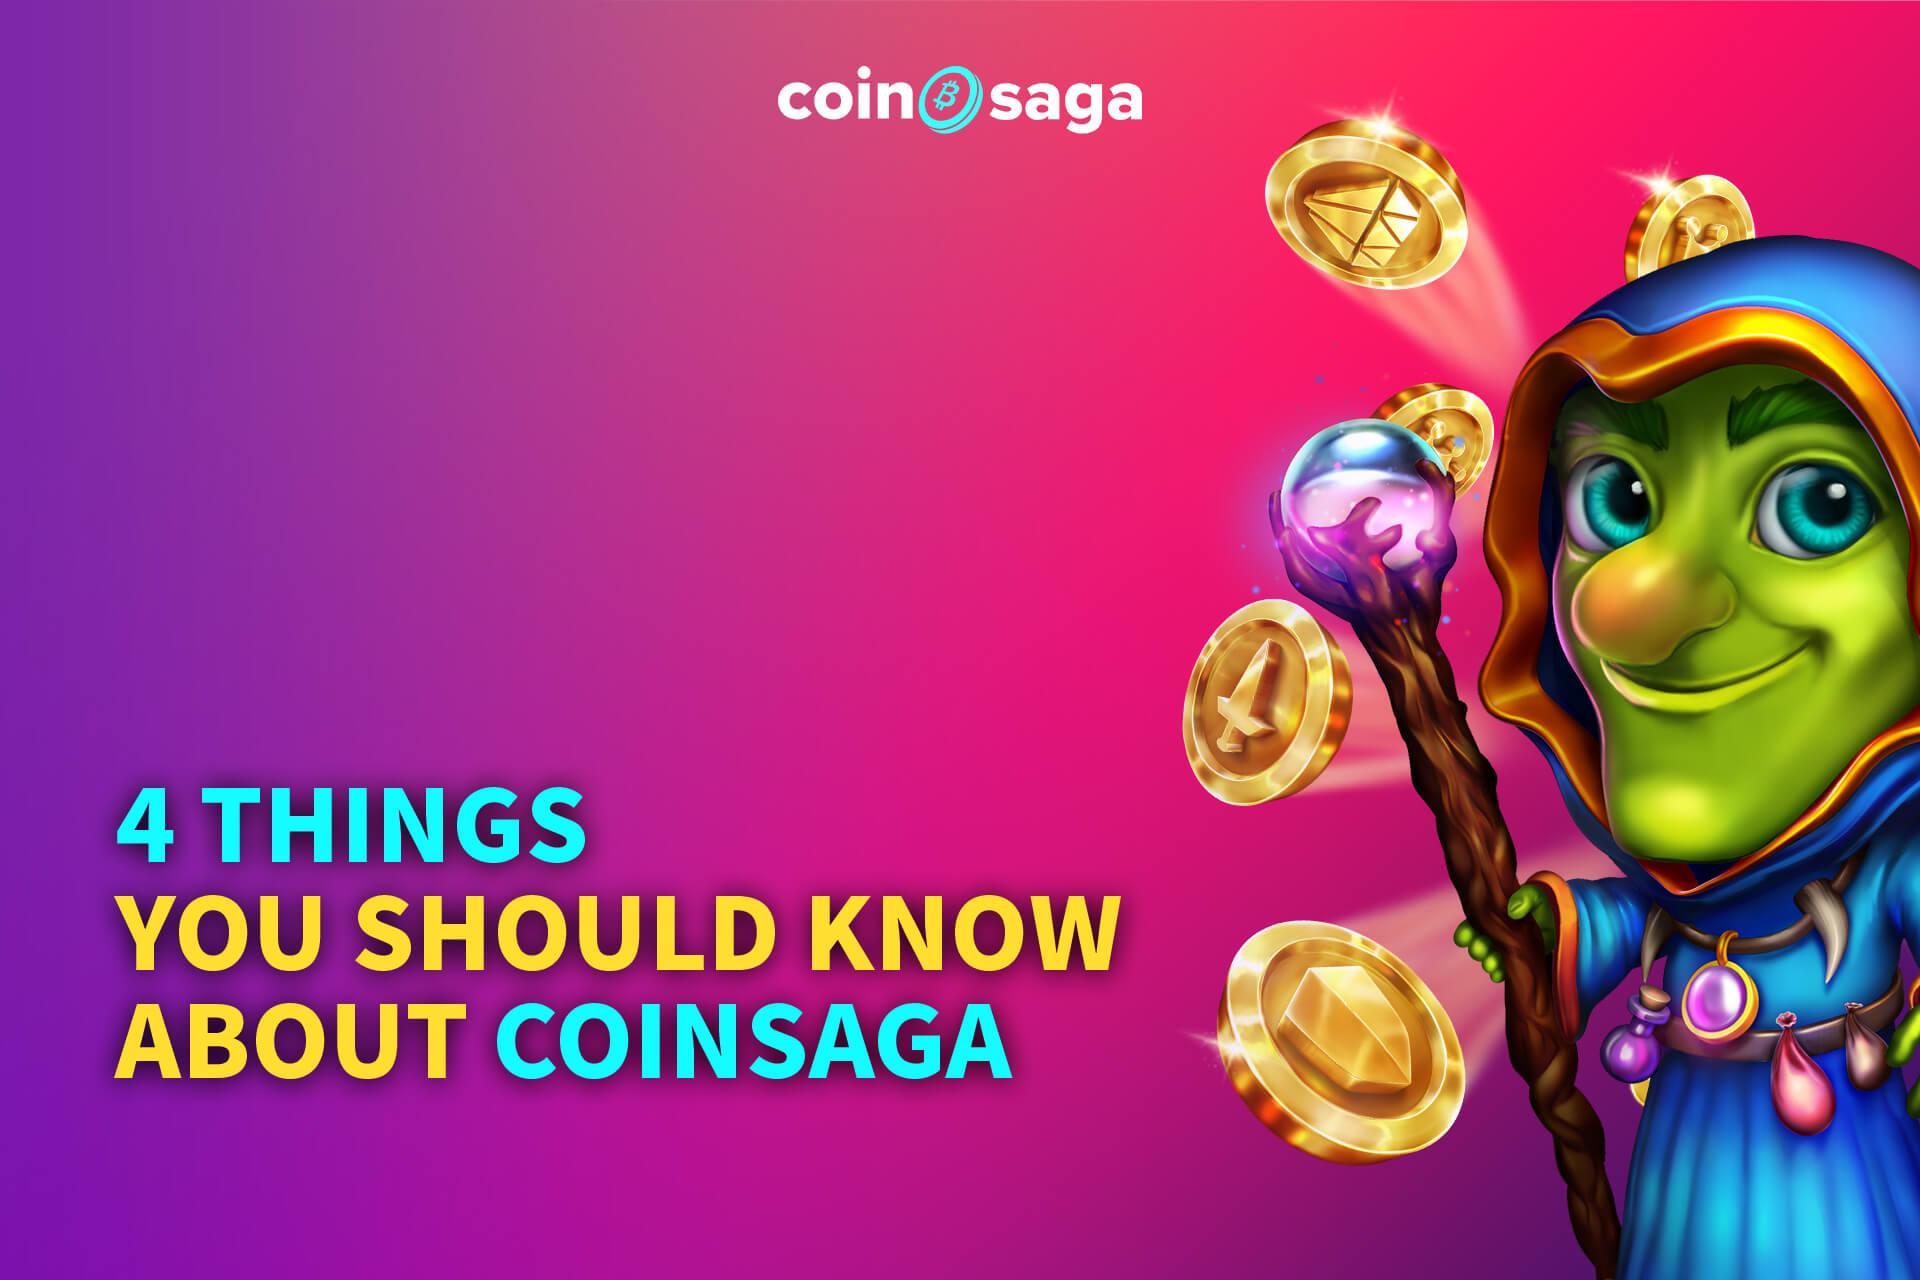 Tips about CoinSaga